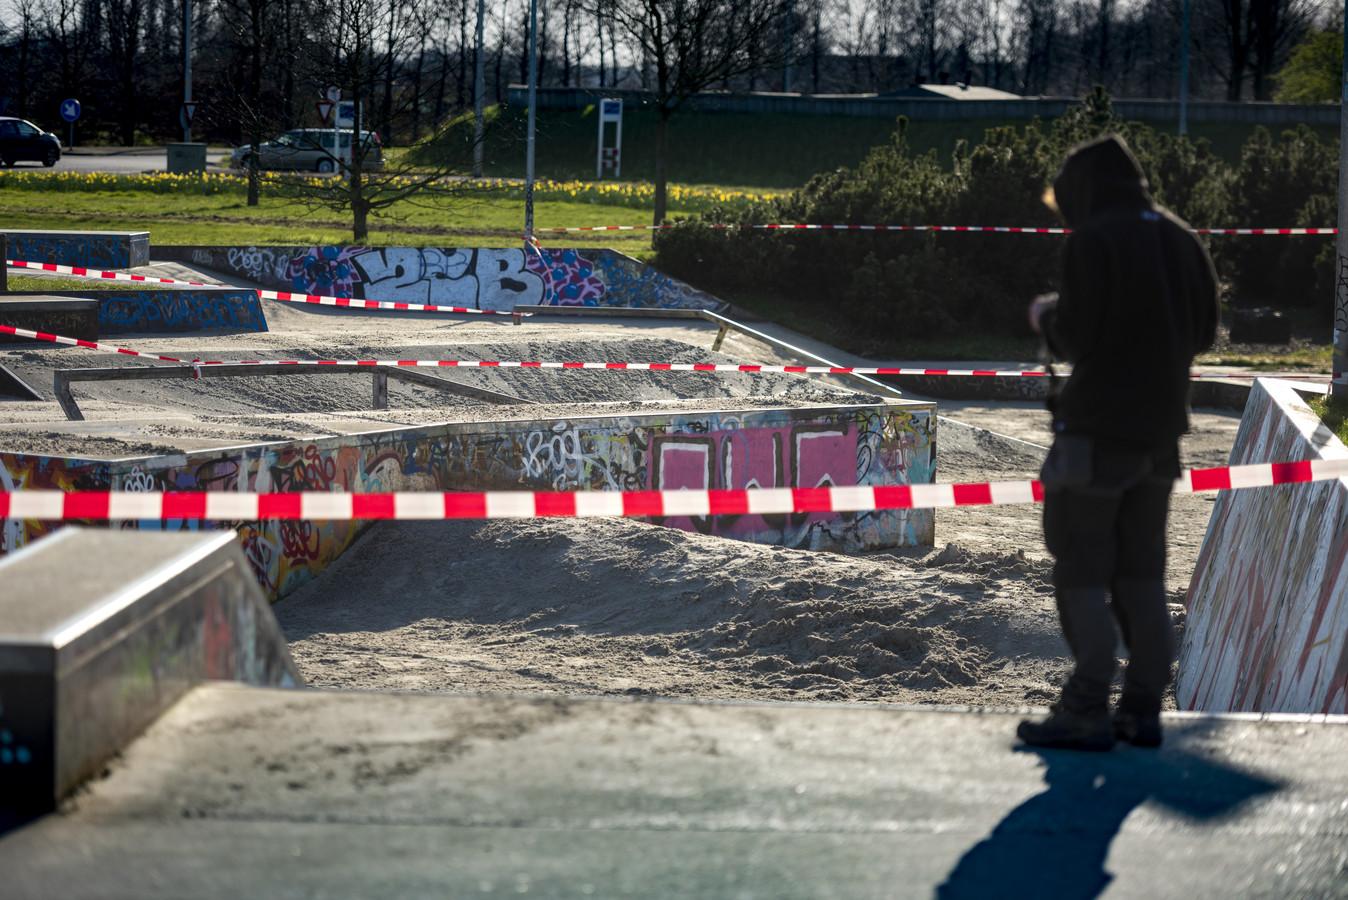 De gesloten skatebaan in de Leesten-Oost, Zutphen, is voorzien van een laag zand, zodat er ook echt niet meer geskate kan worden.